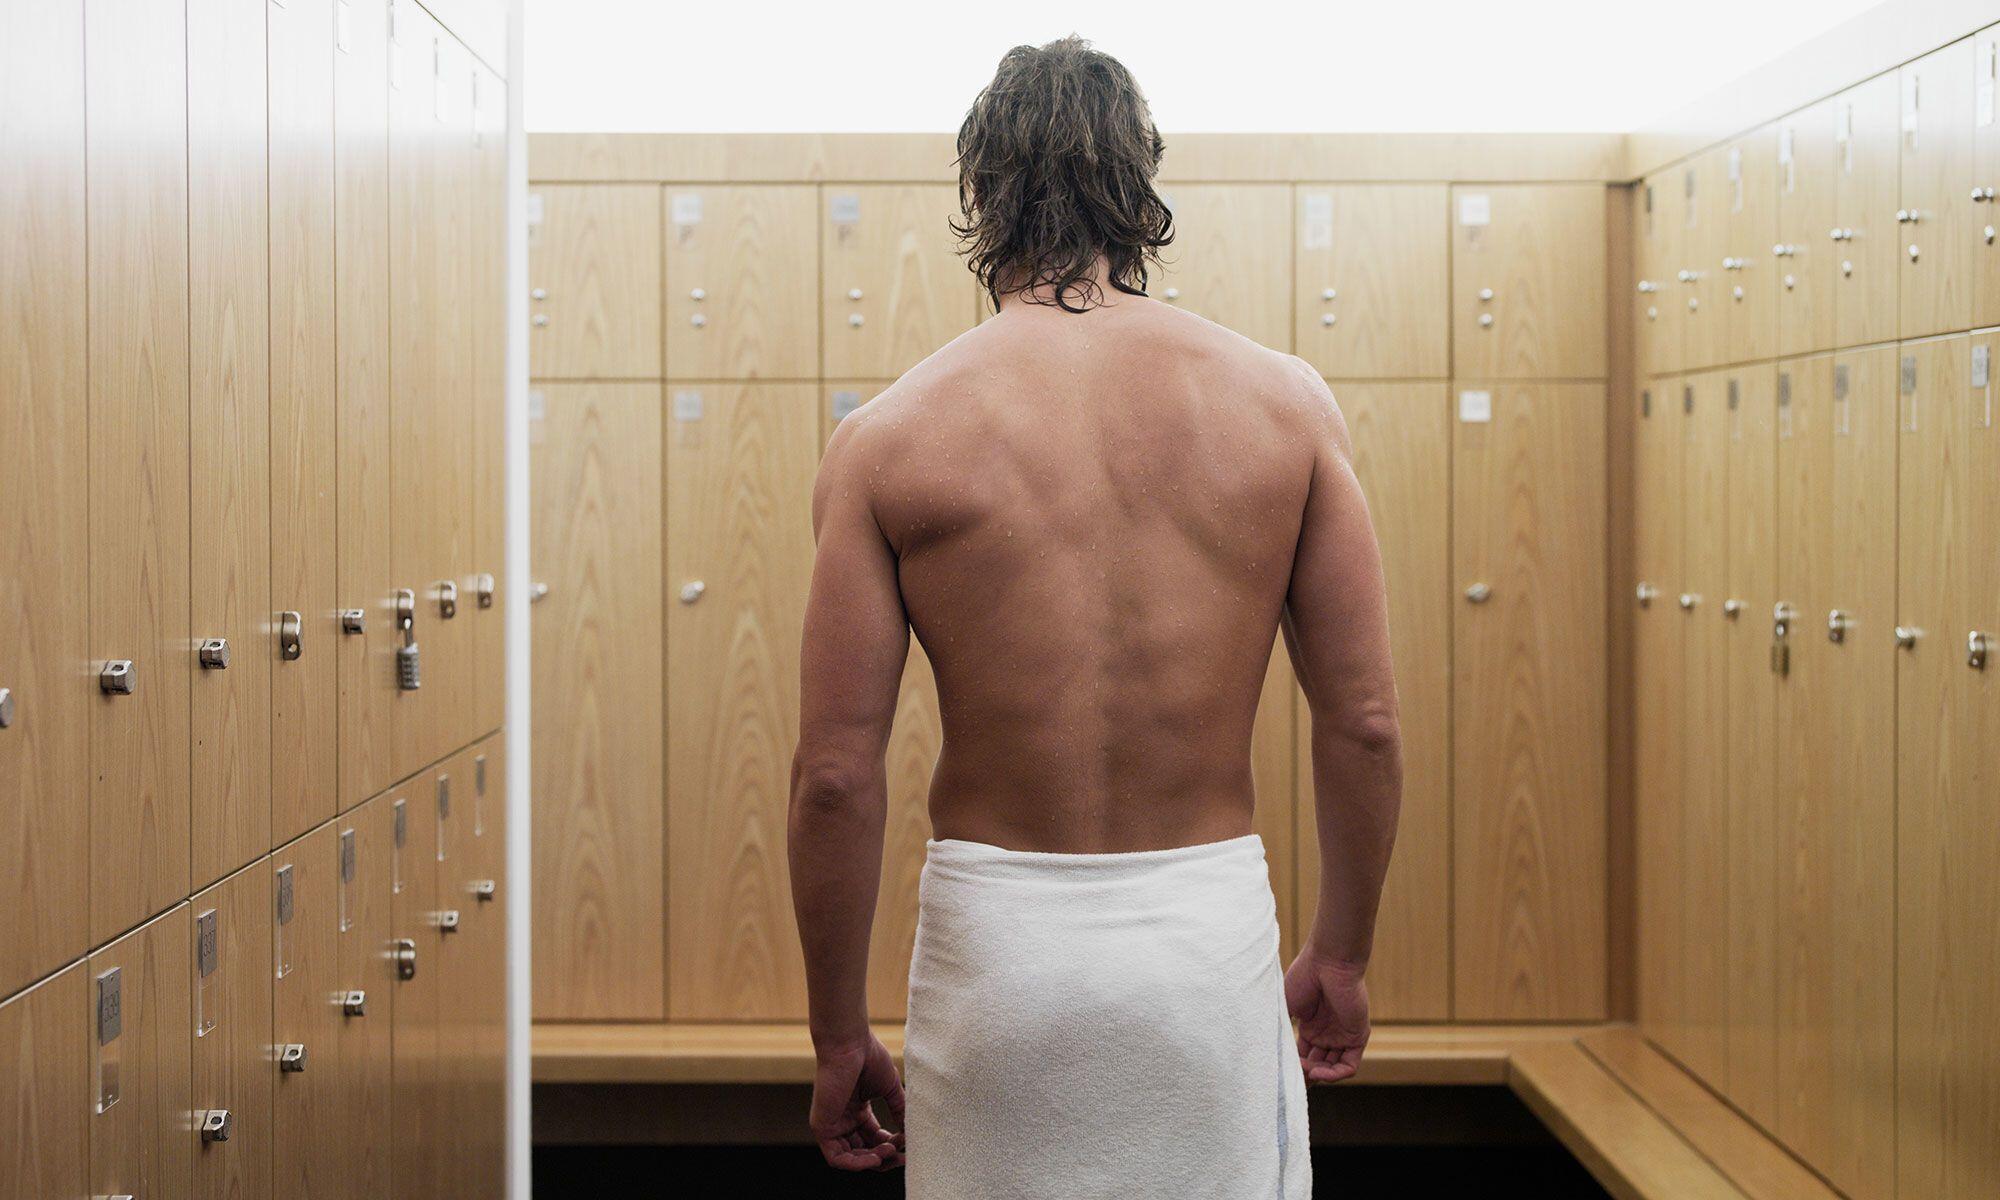 6 Bahaya Langsung Mandi Setelah Berolahraga Ternyata Bukan Cuma Mitos